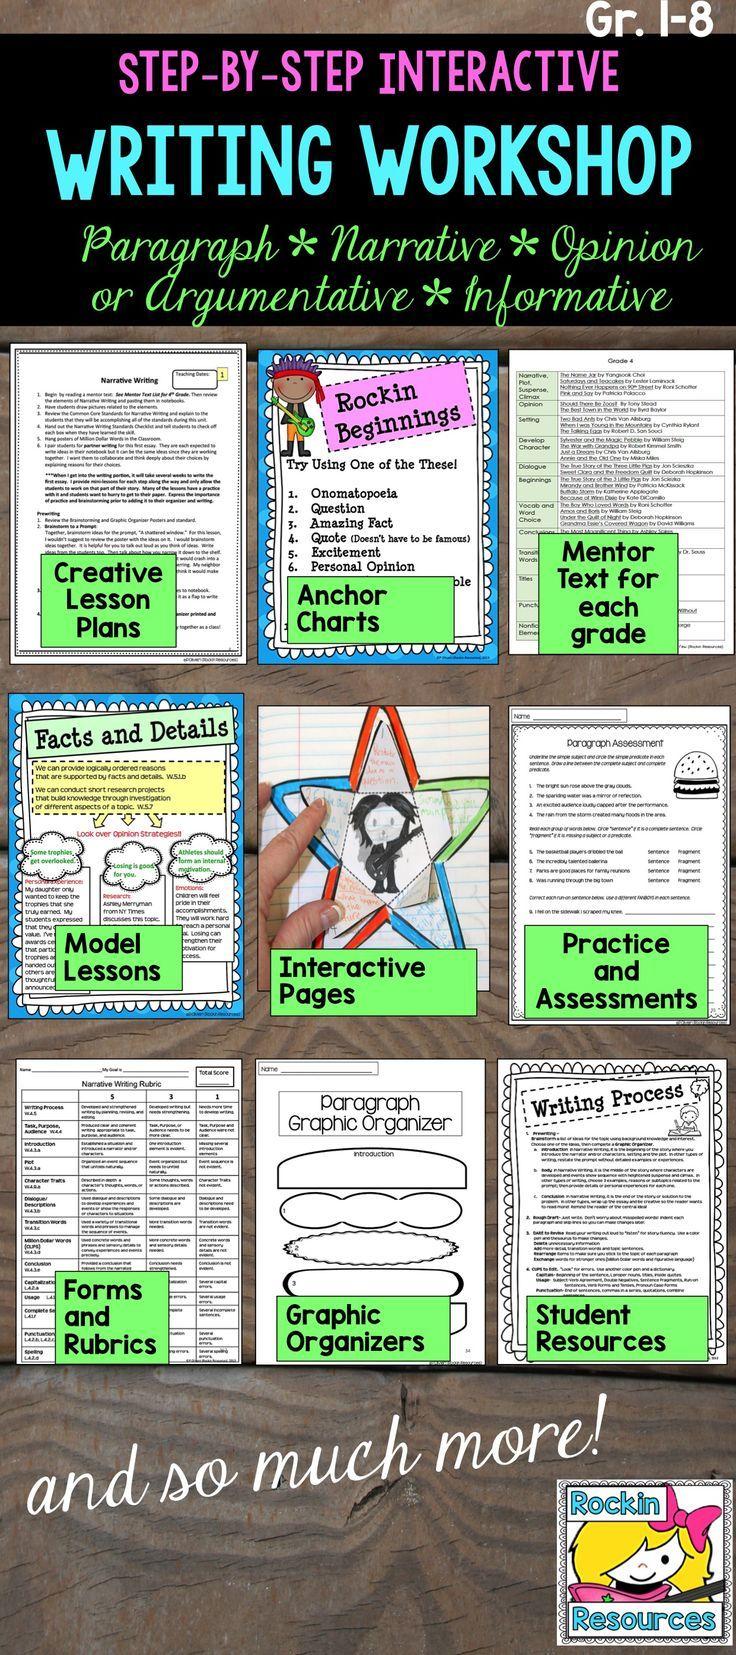 creative writing lesson plan ideas